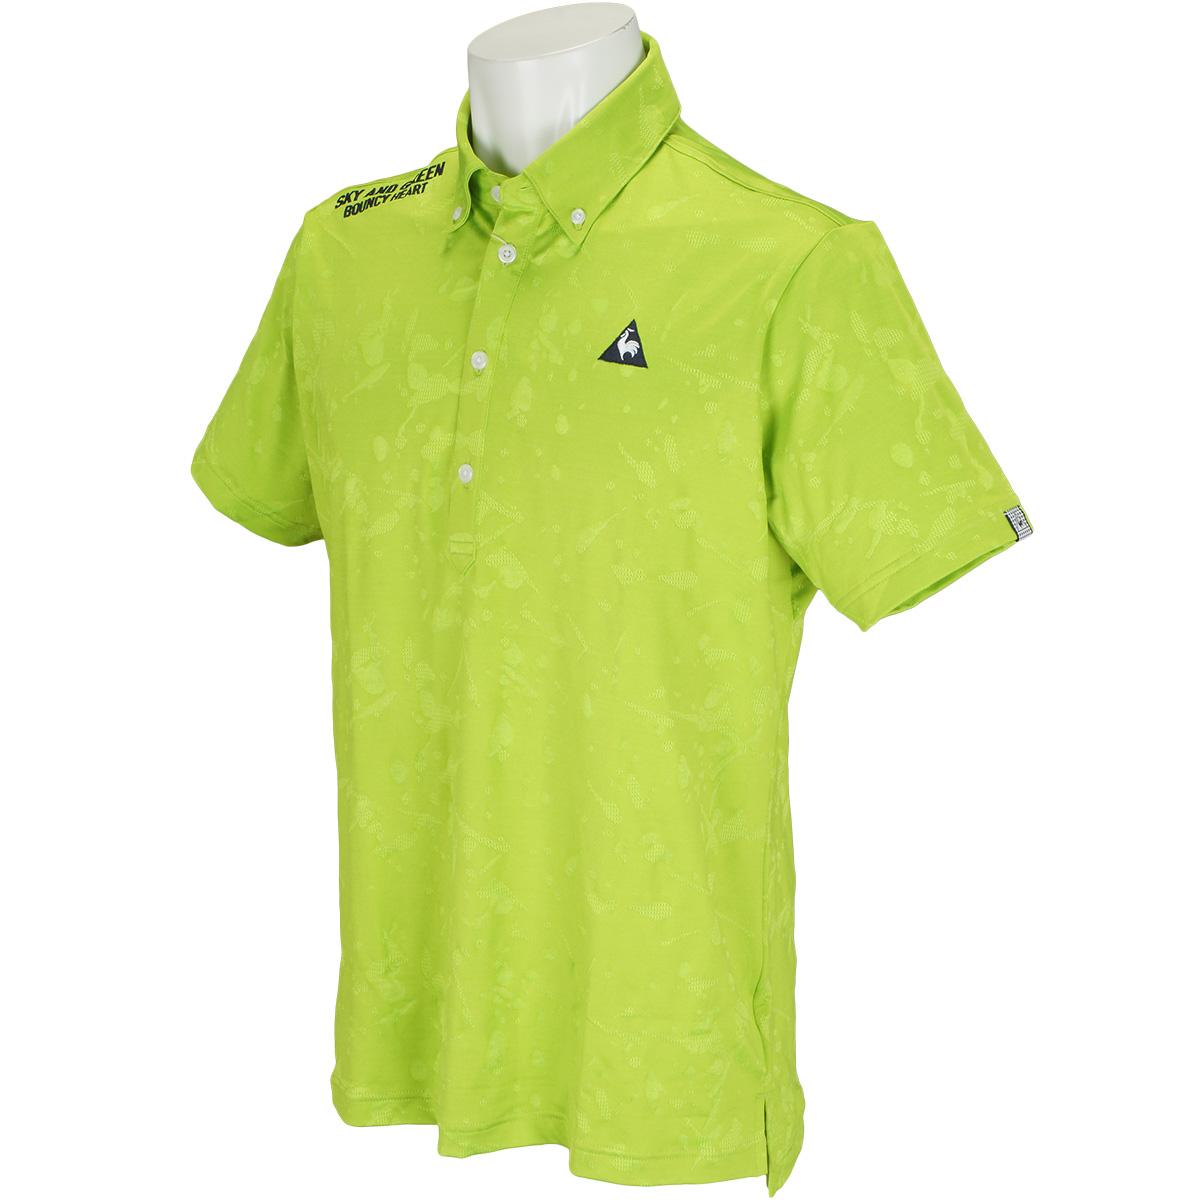 コンピュータースプラッシュジャカード半袖ポロシャツ